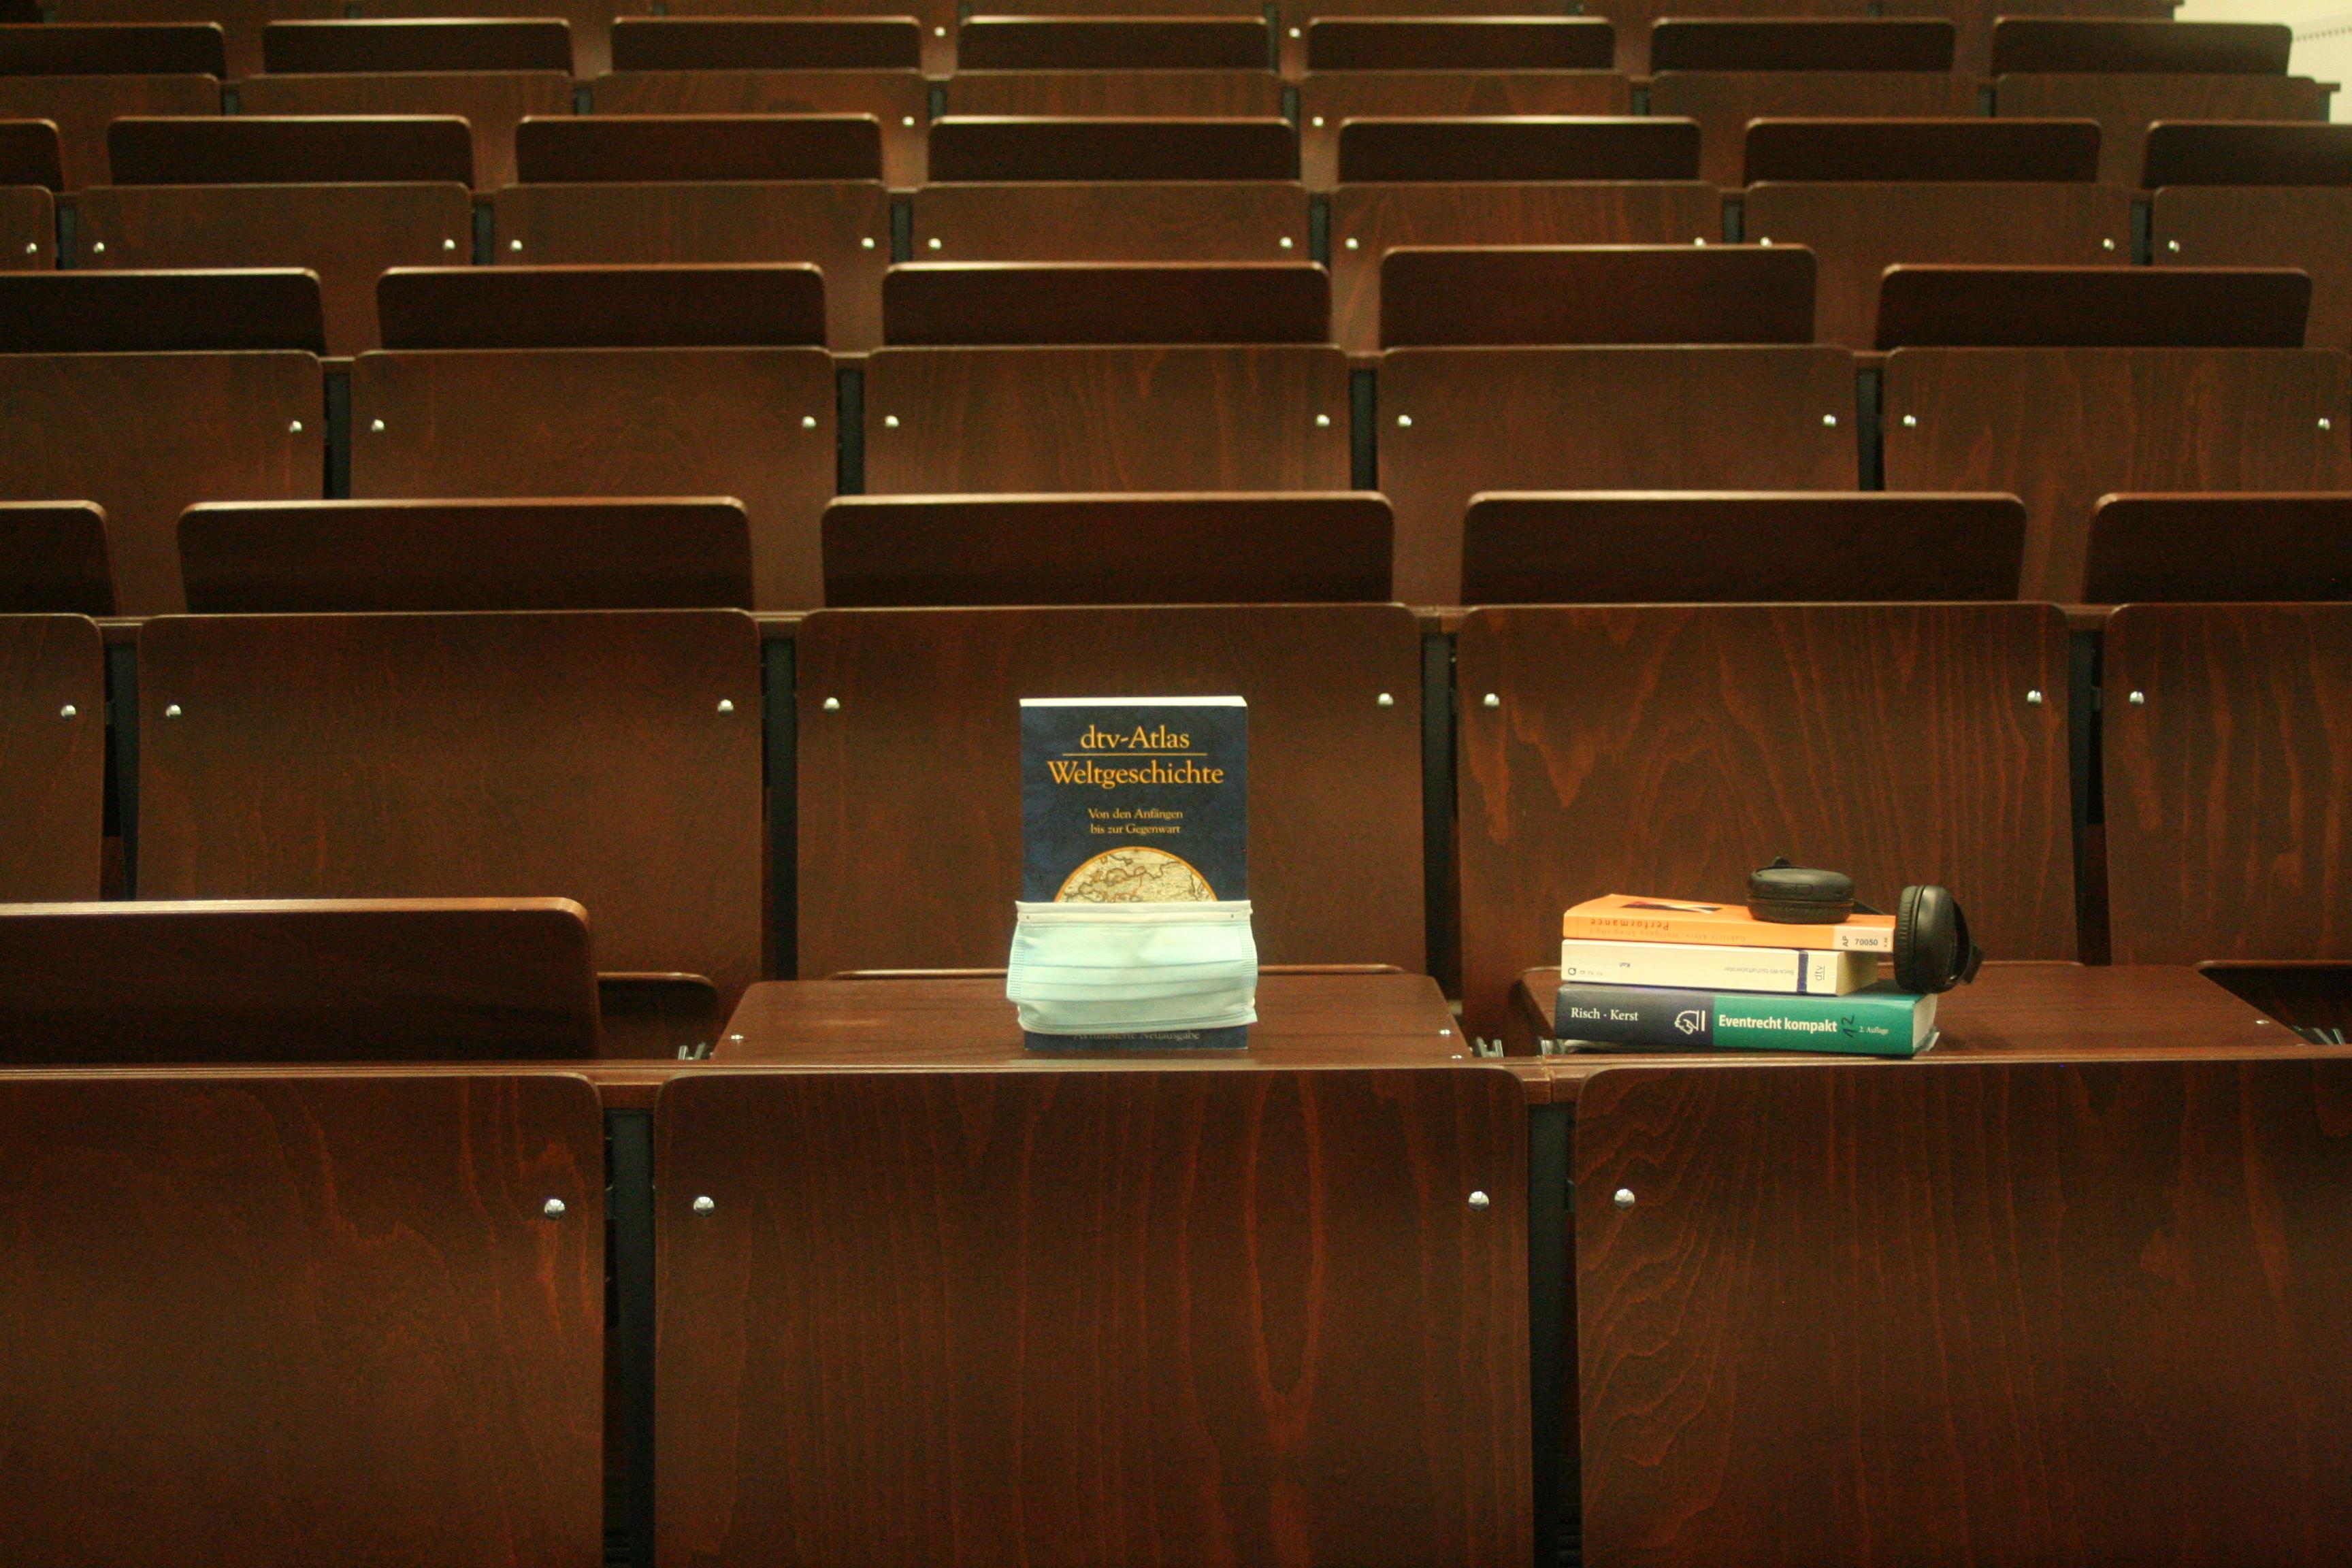 Hörsaal mit Büchern und Maske auf dem Tisch